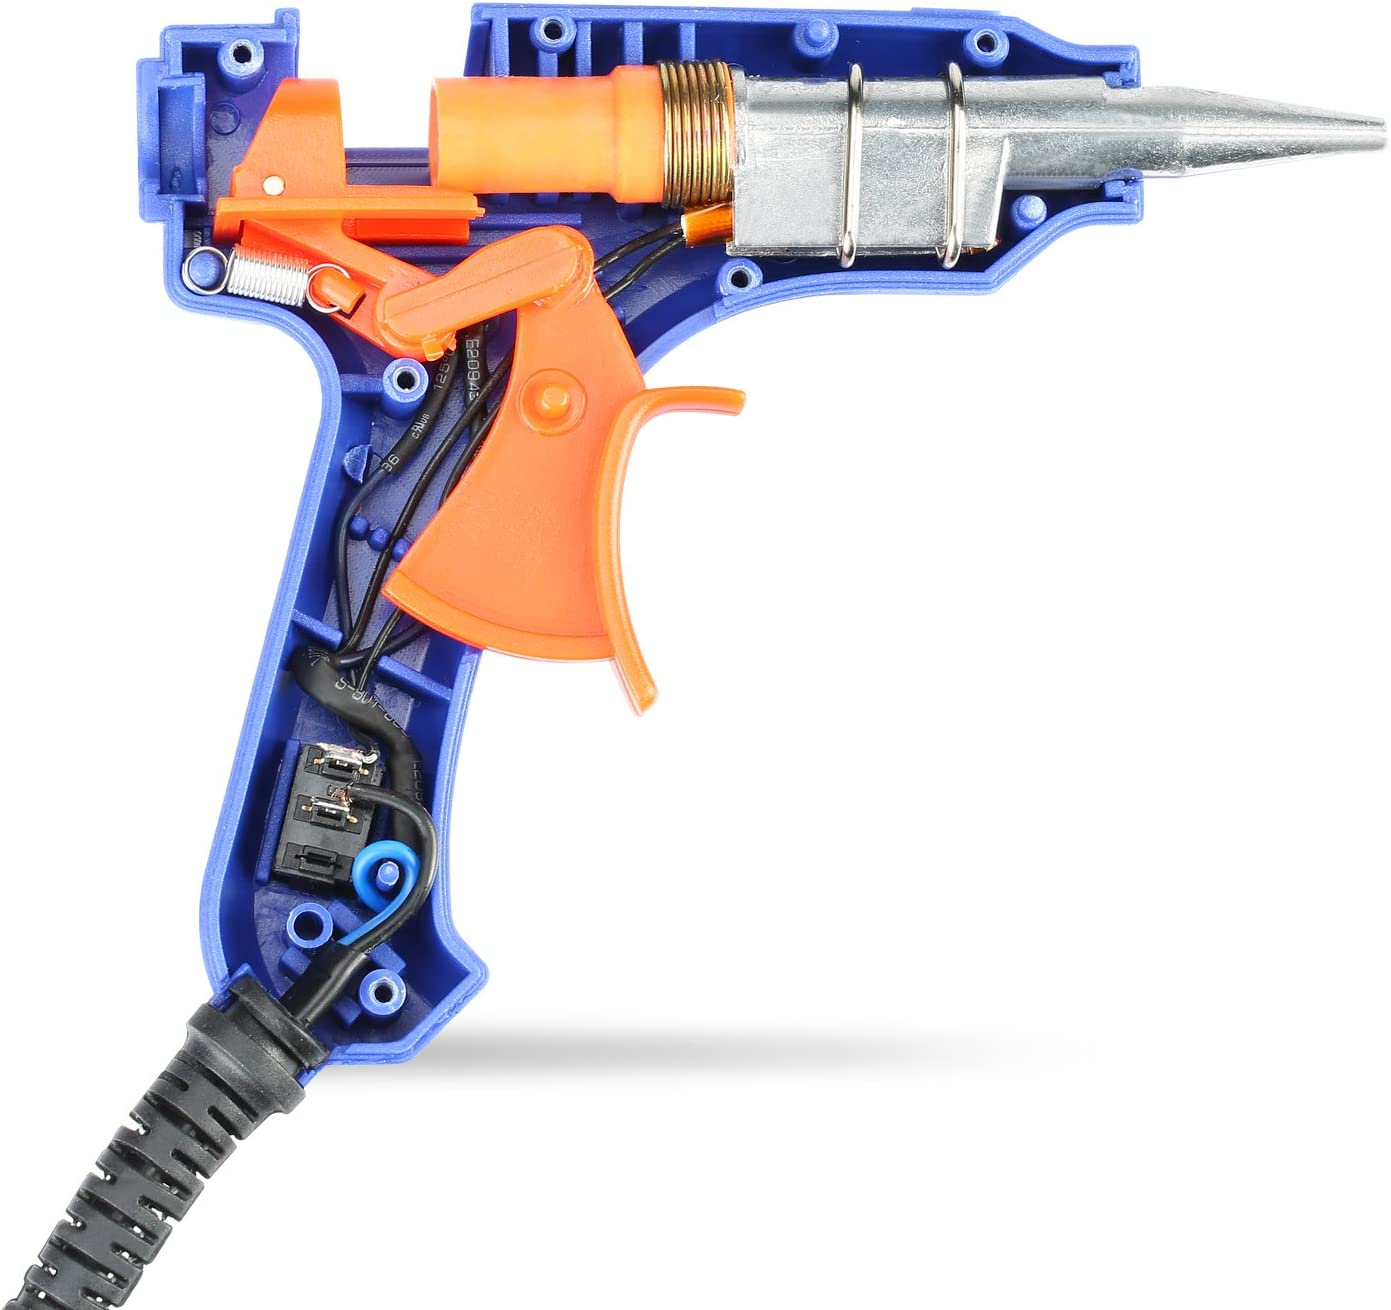 Homitt 20W Klebepistole mit 50 St/ück Klebesticks Mini Hei/ßklebepistole f/ür DIY Anf/änger und Handwerksprojekte 7mm Hei/ßklebepistole